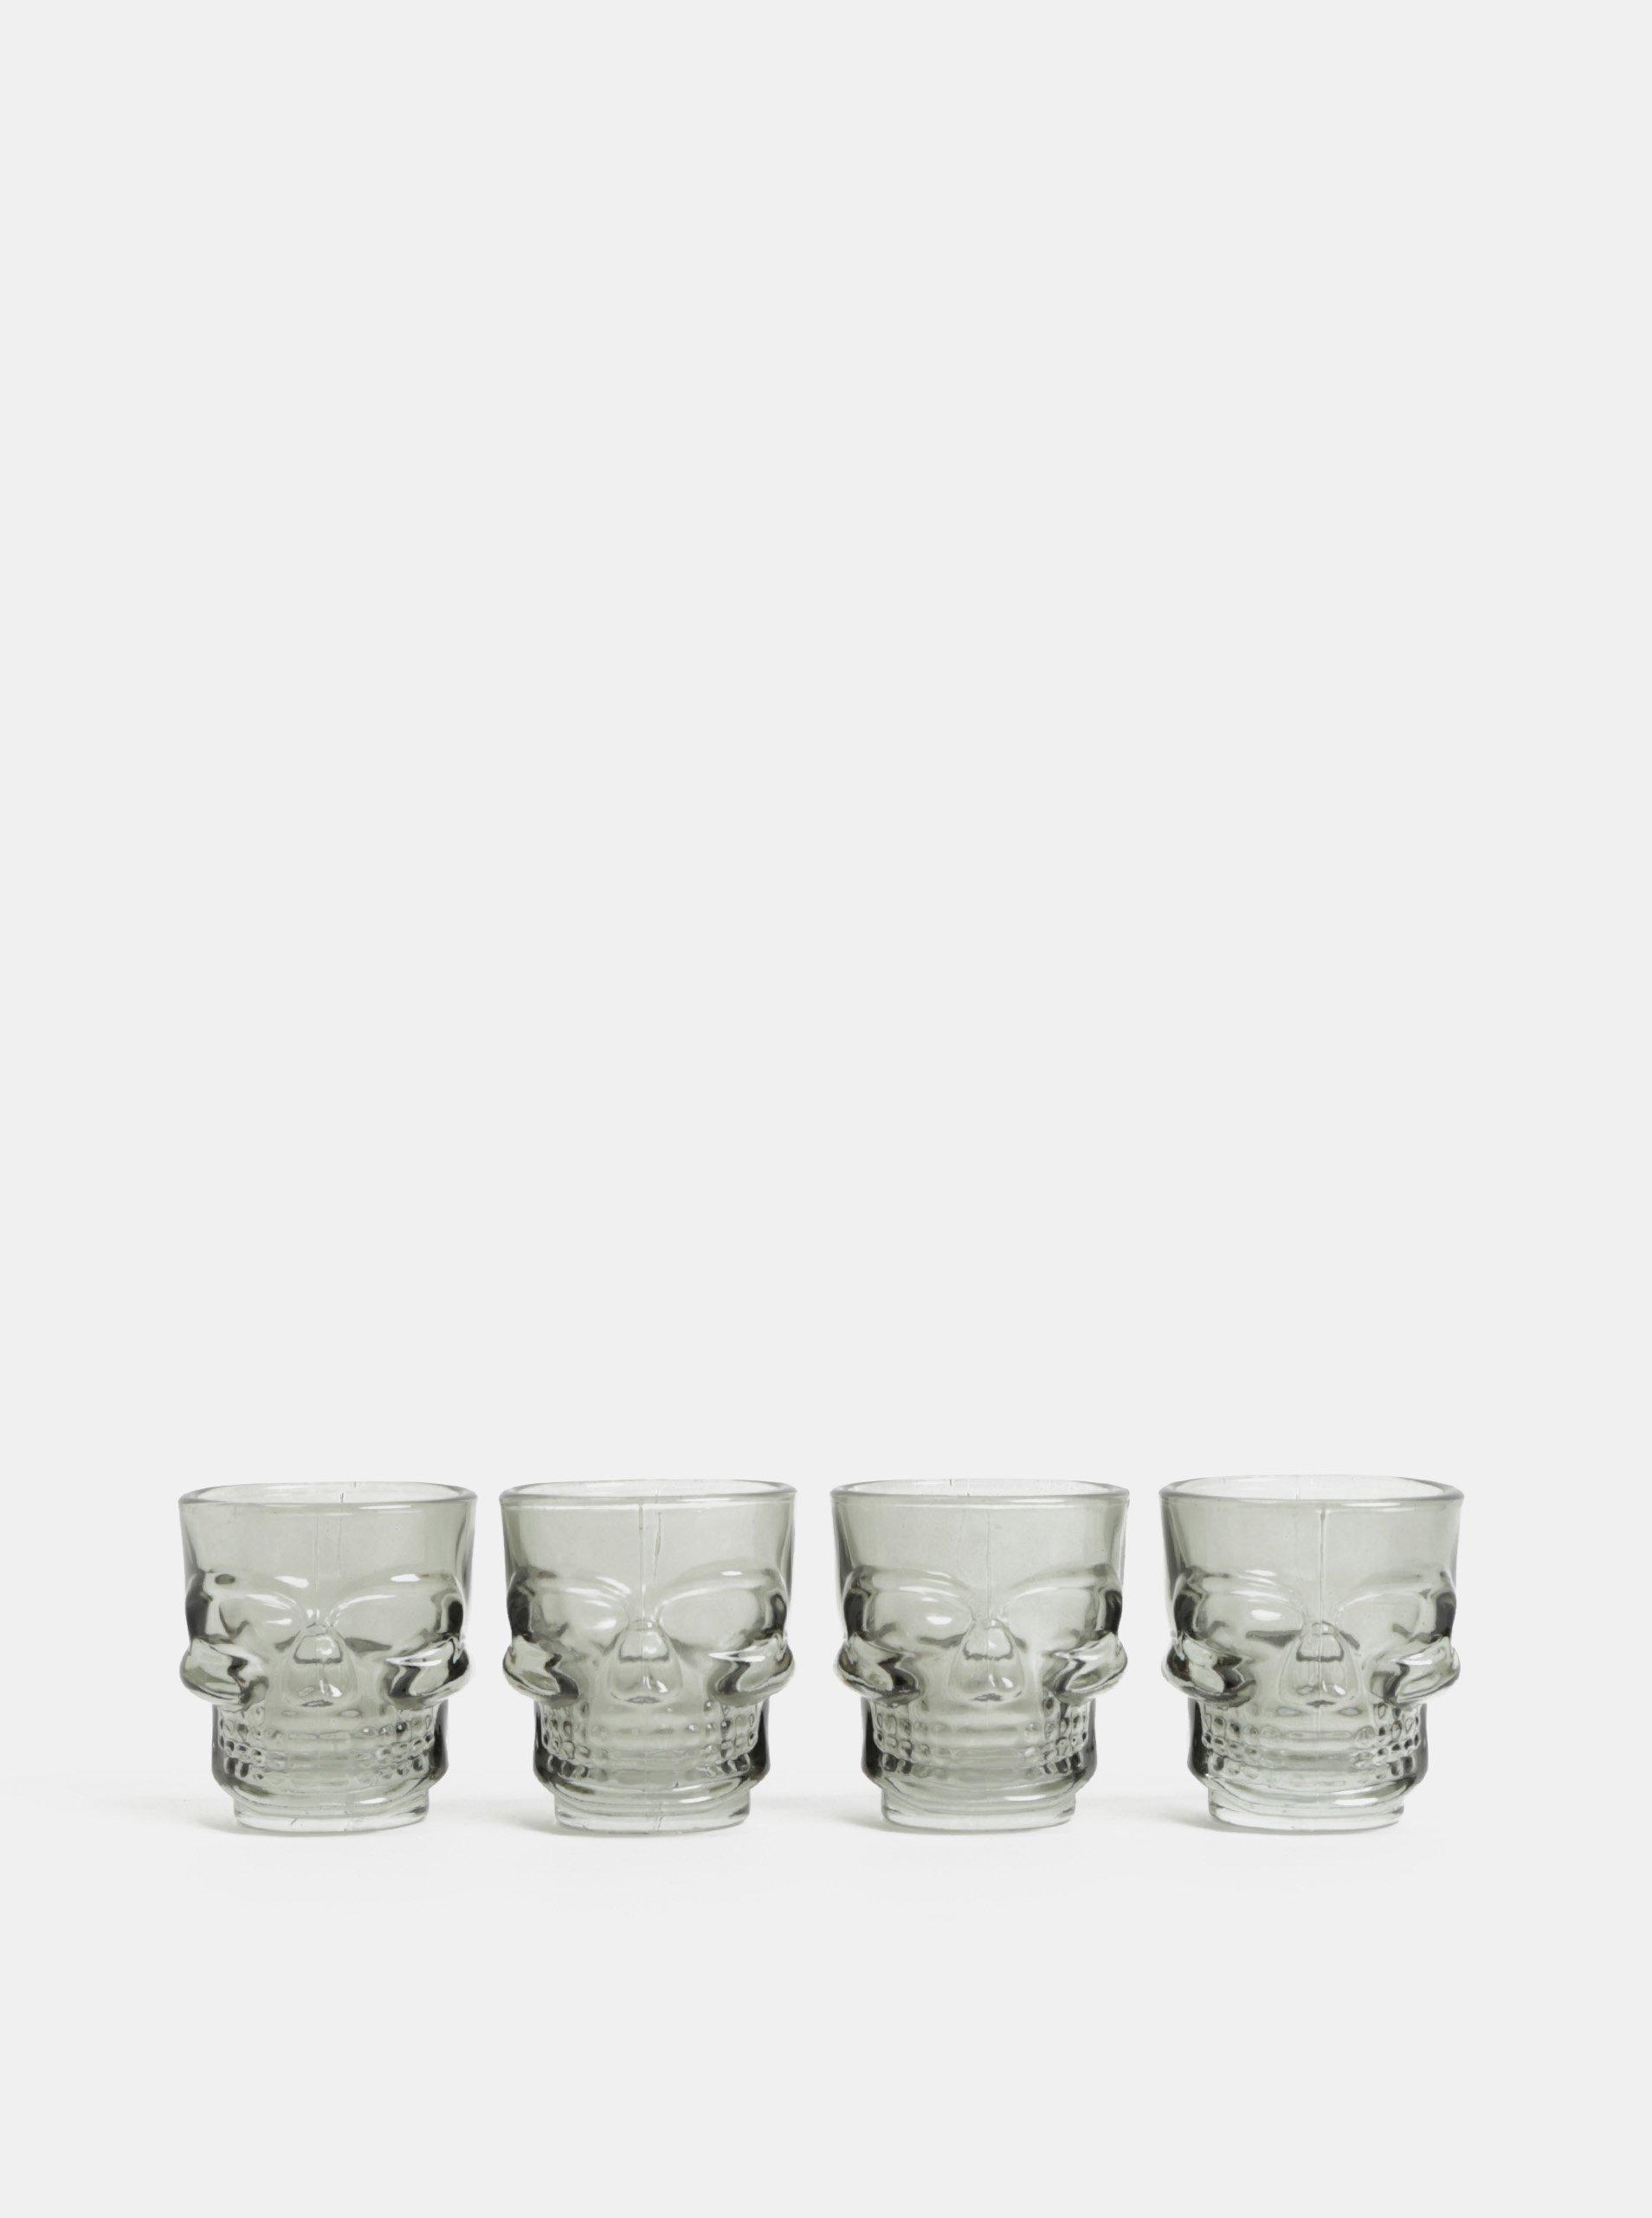 Sada čtyř skleněných panáků ve tvaru lebky v šedé barvě Temerity Jones